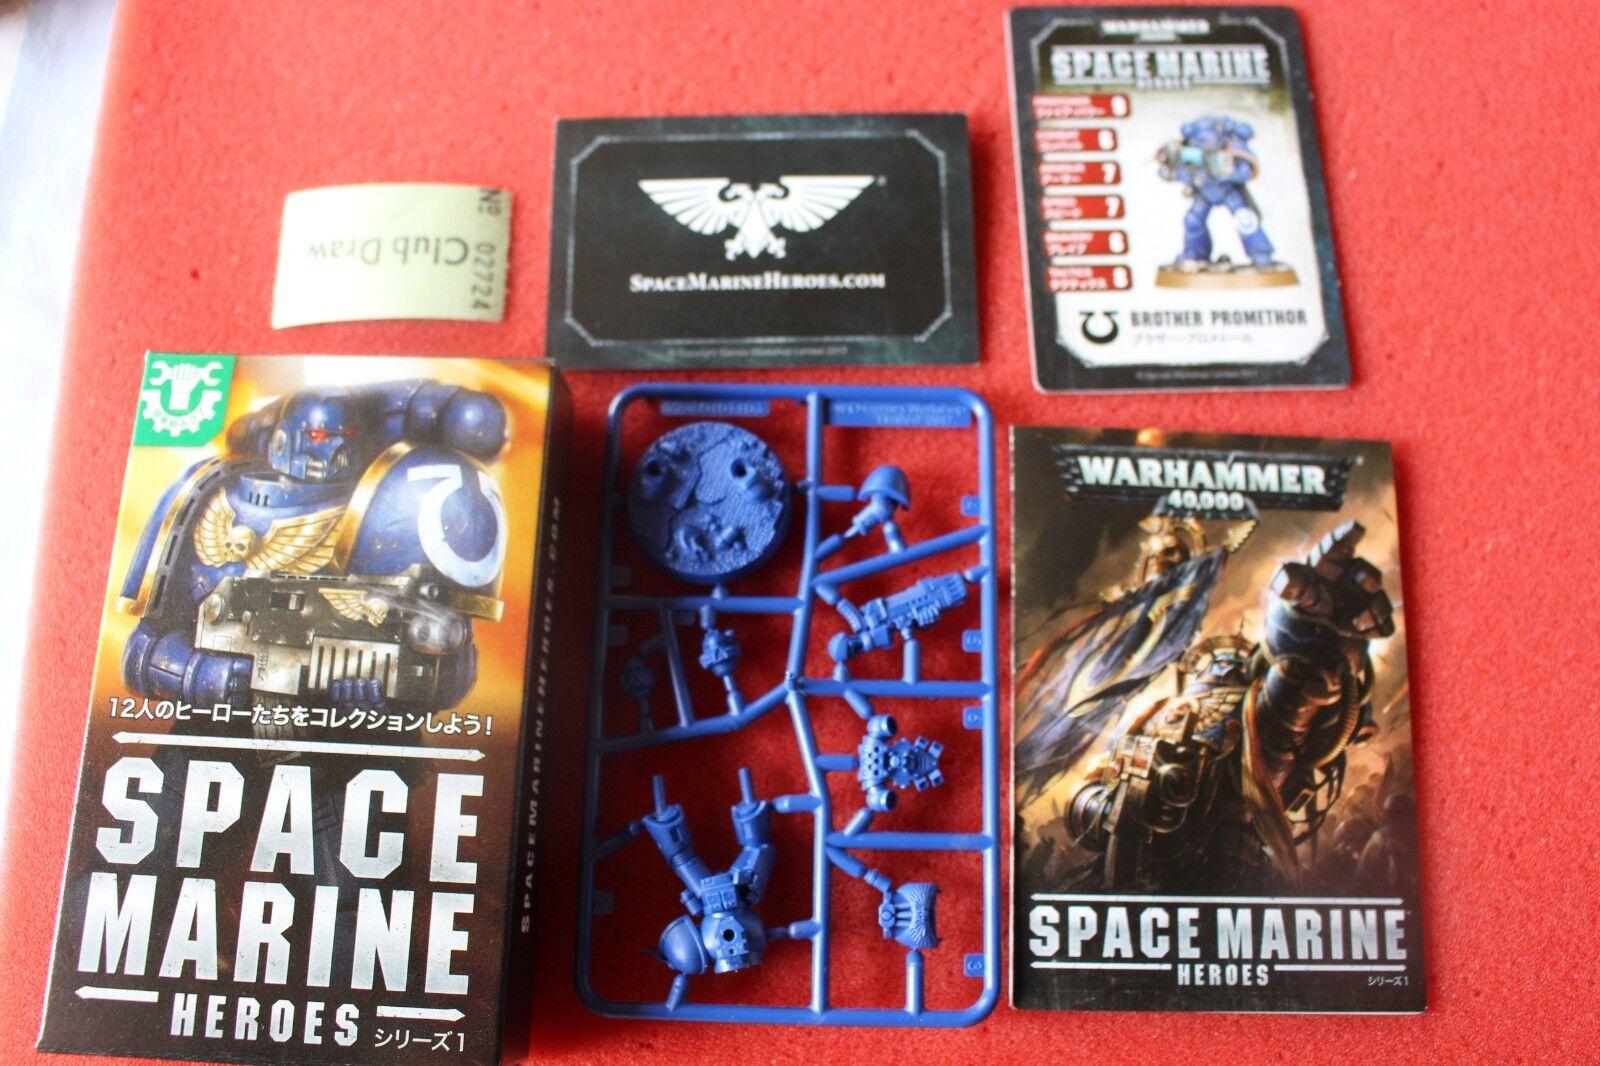 Space Marine Heroes Bredher Promethor Japan Exclusive Games Workshop New Marines